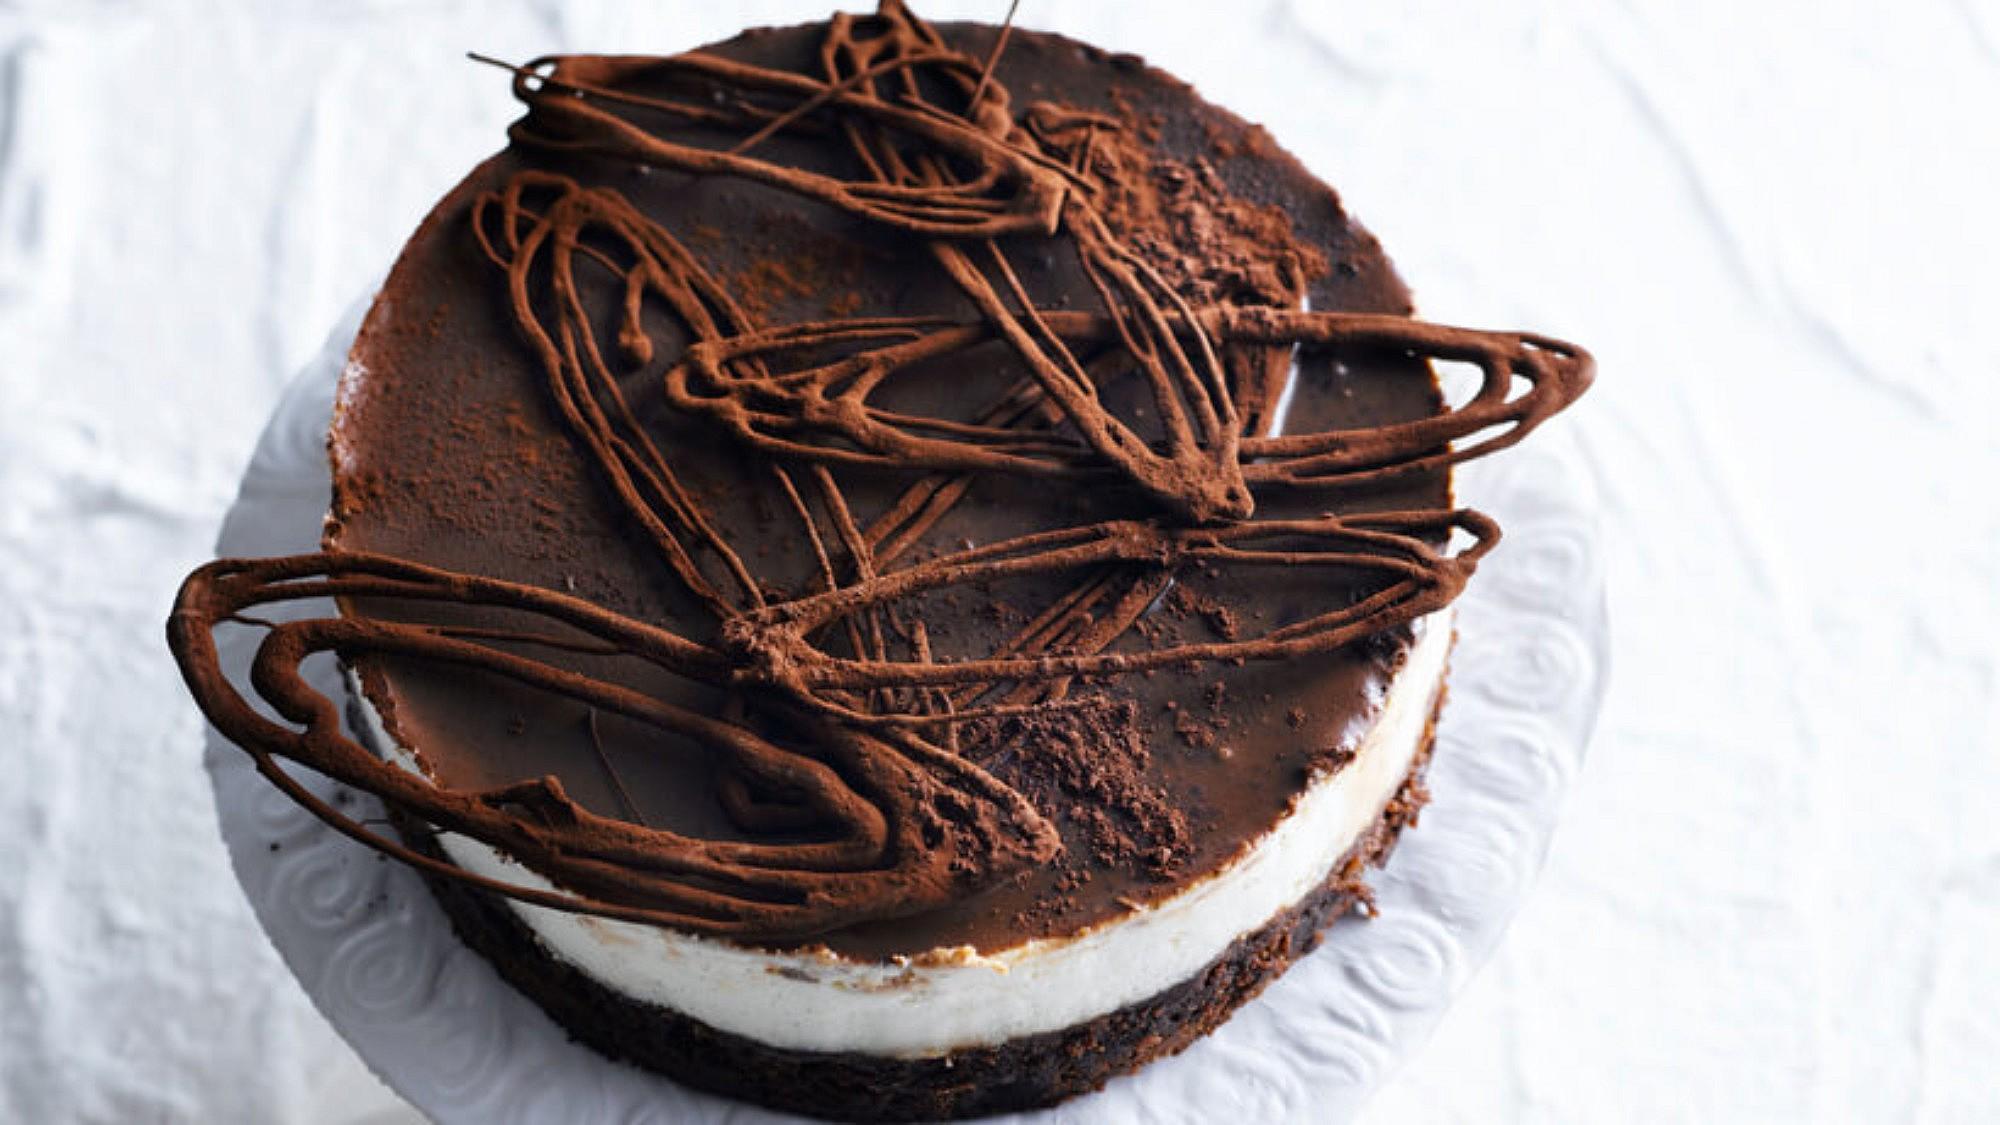 עוגת גבינה ושוקולד. צילום: רונן מנגן, סגנון: דלית רוסו